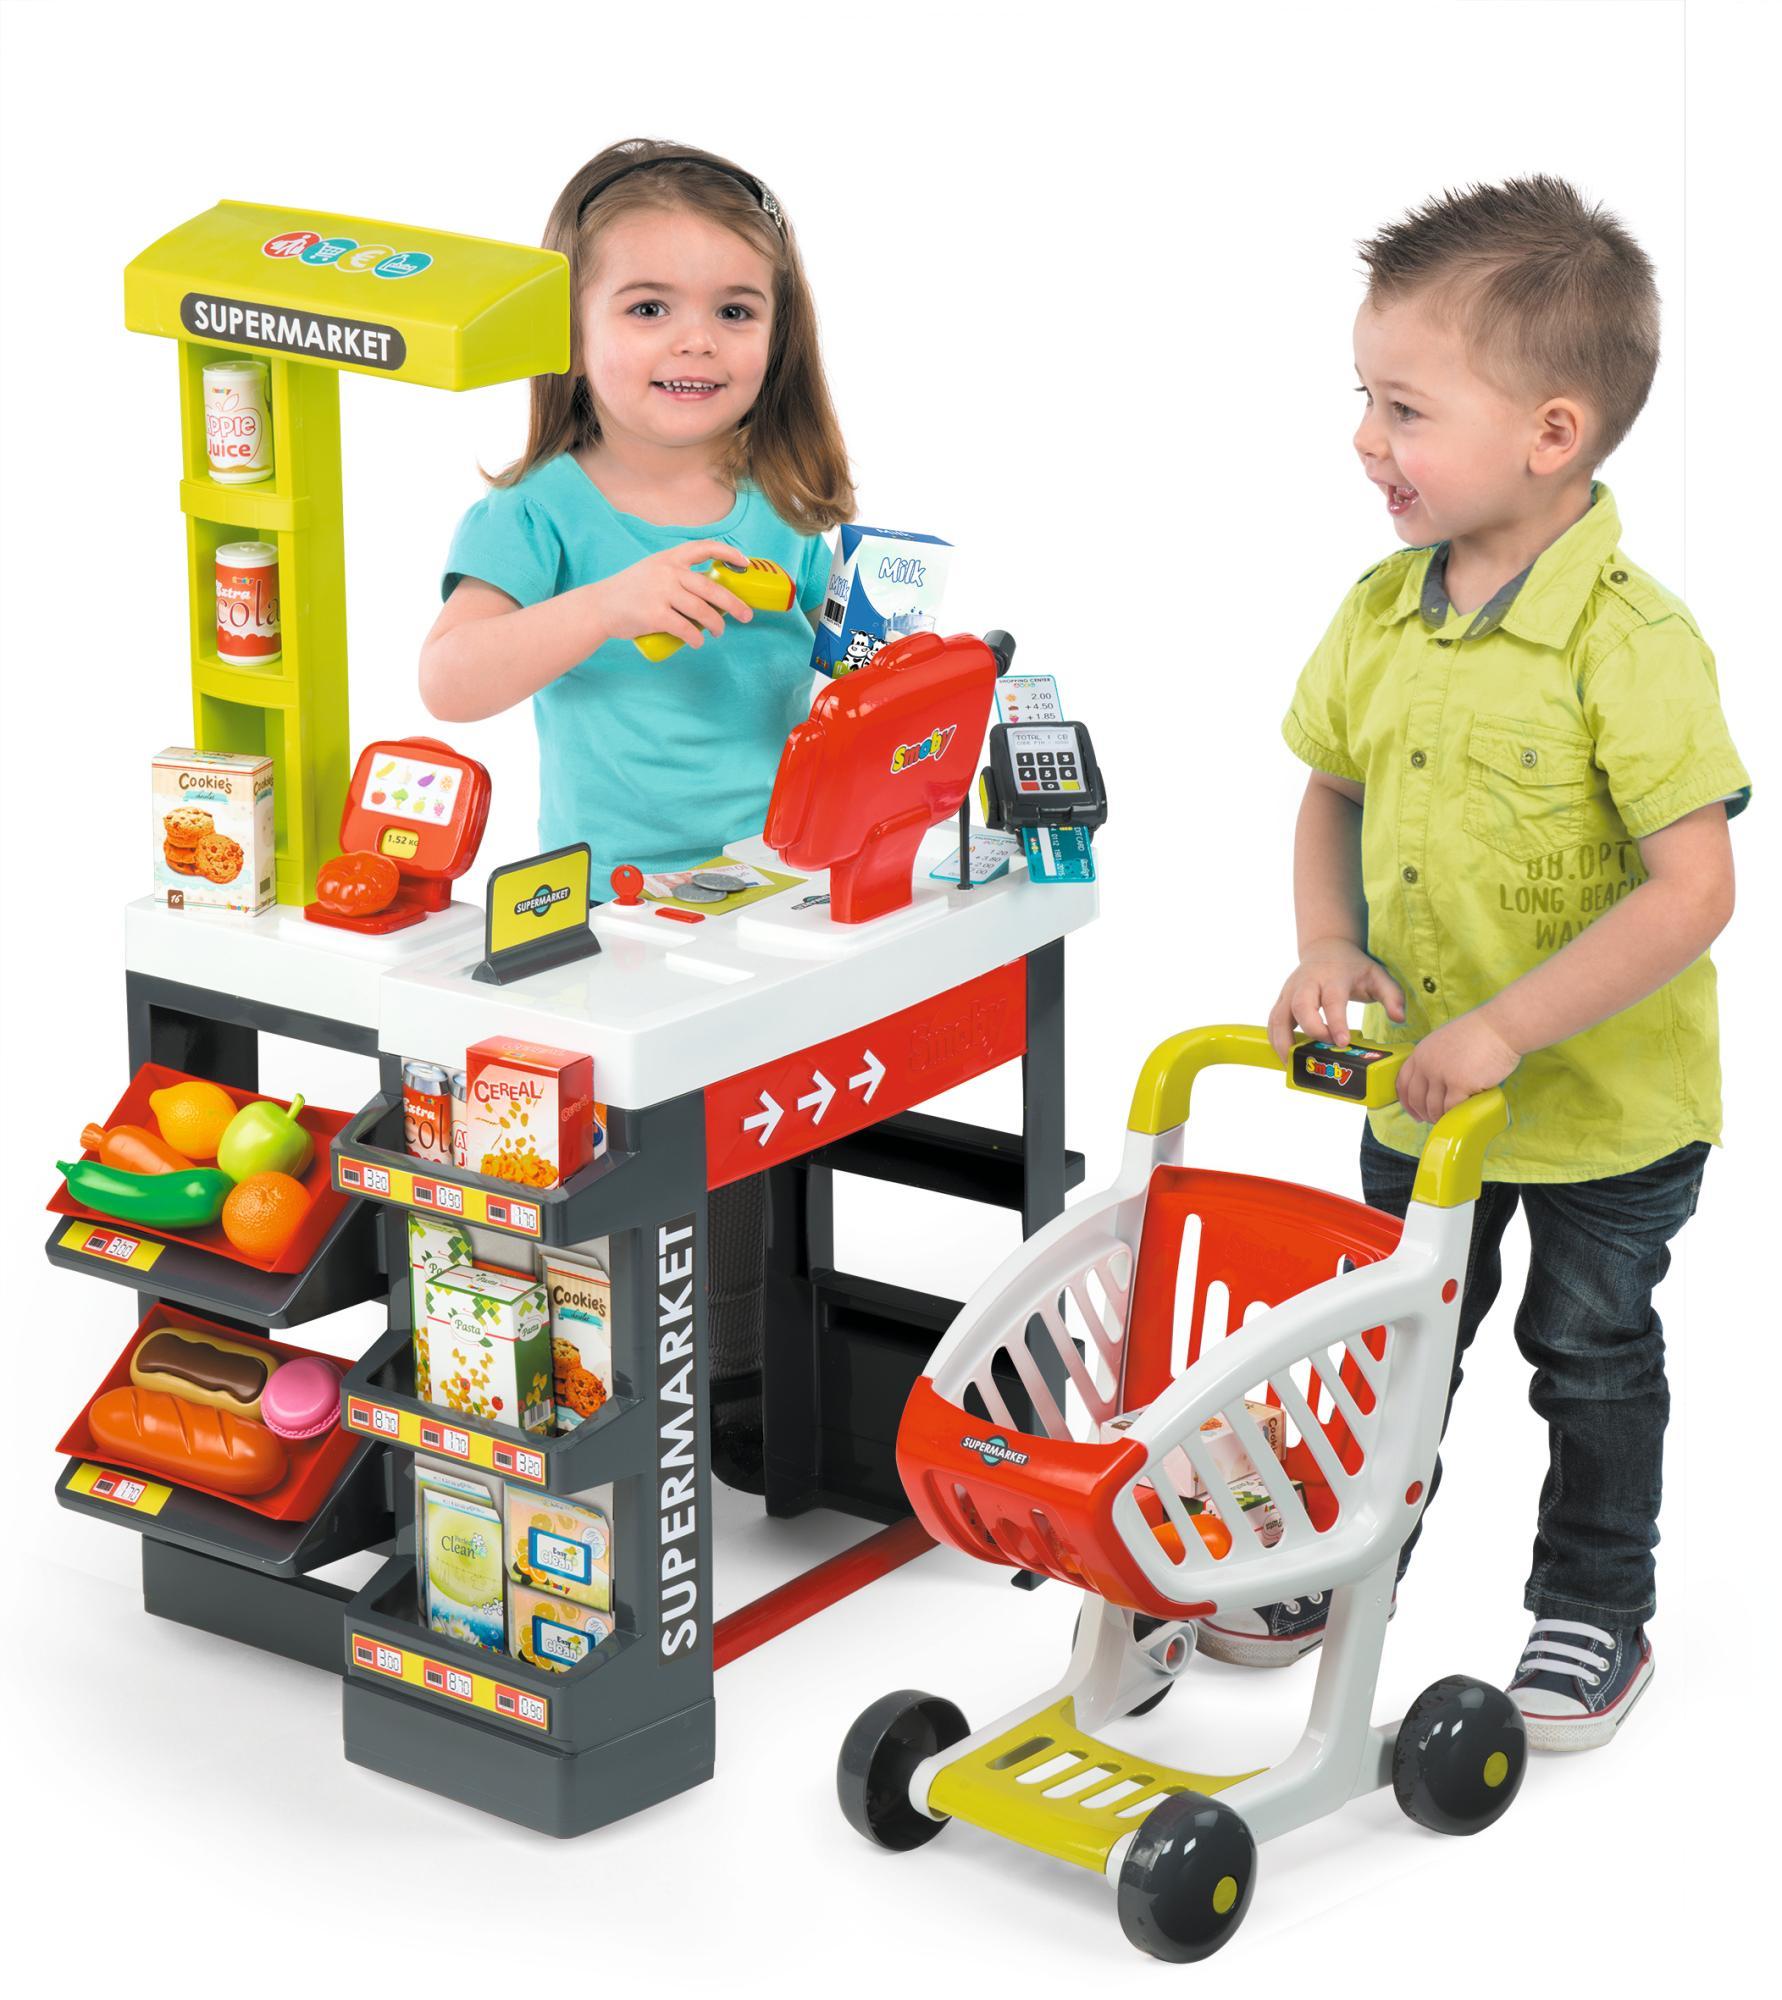 smoby 350210 supermarkt mit einkaufswagen verschiedene spielwaren spielzeug. Black Bedroom Furniture Sets. Home Design Ideas